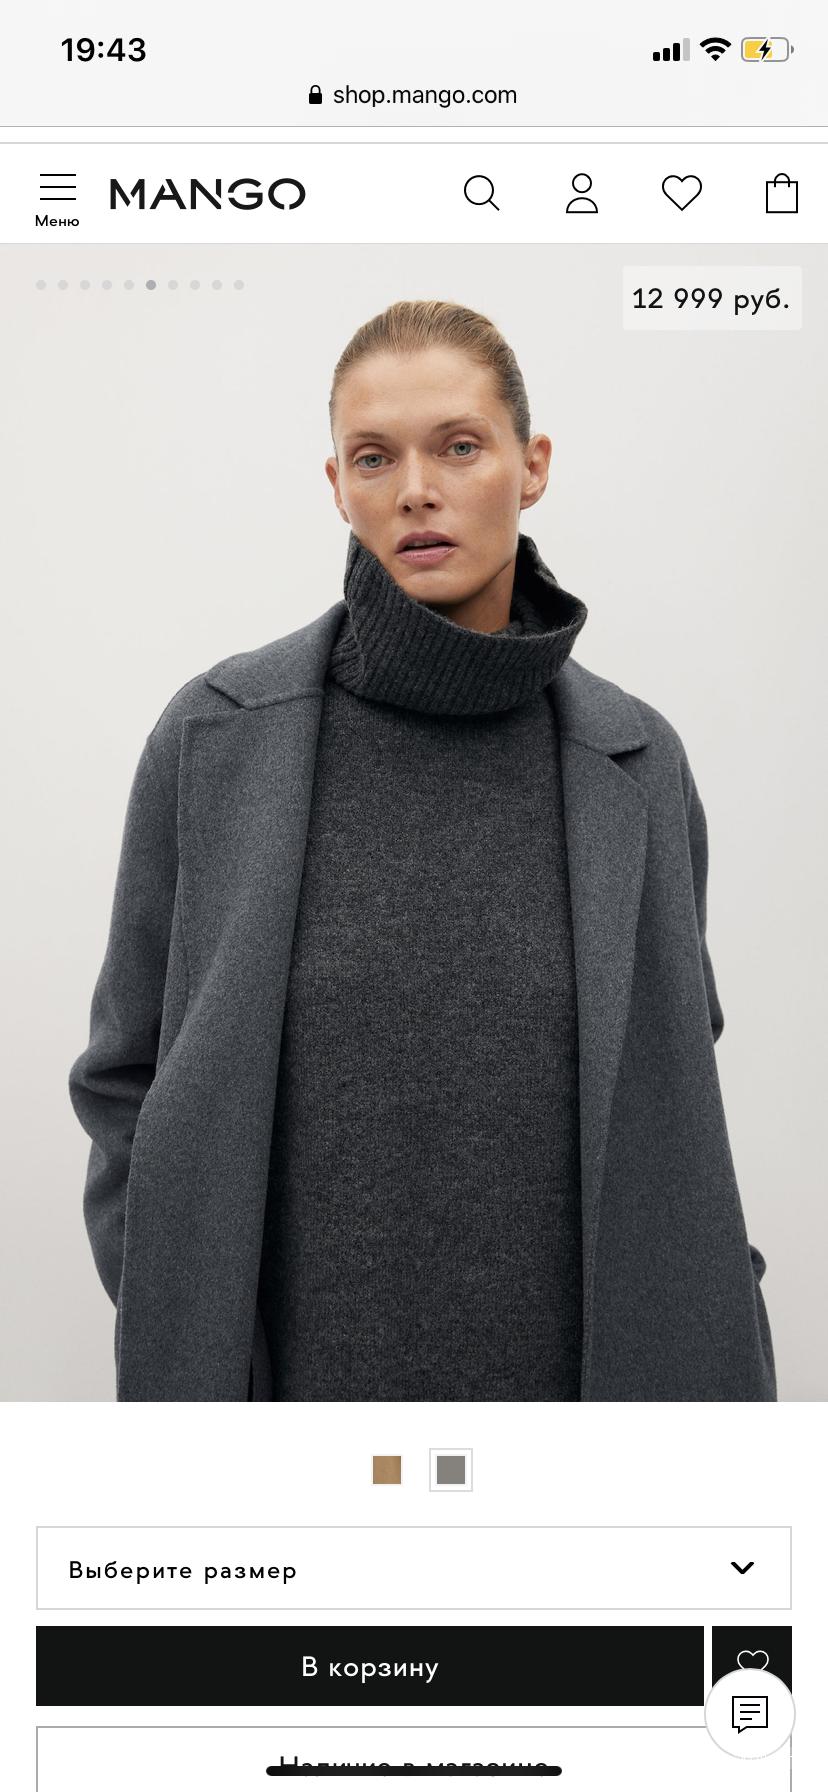 Не открывать, дубль Шерстяное  пальто-халат, mango premium, размер L